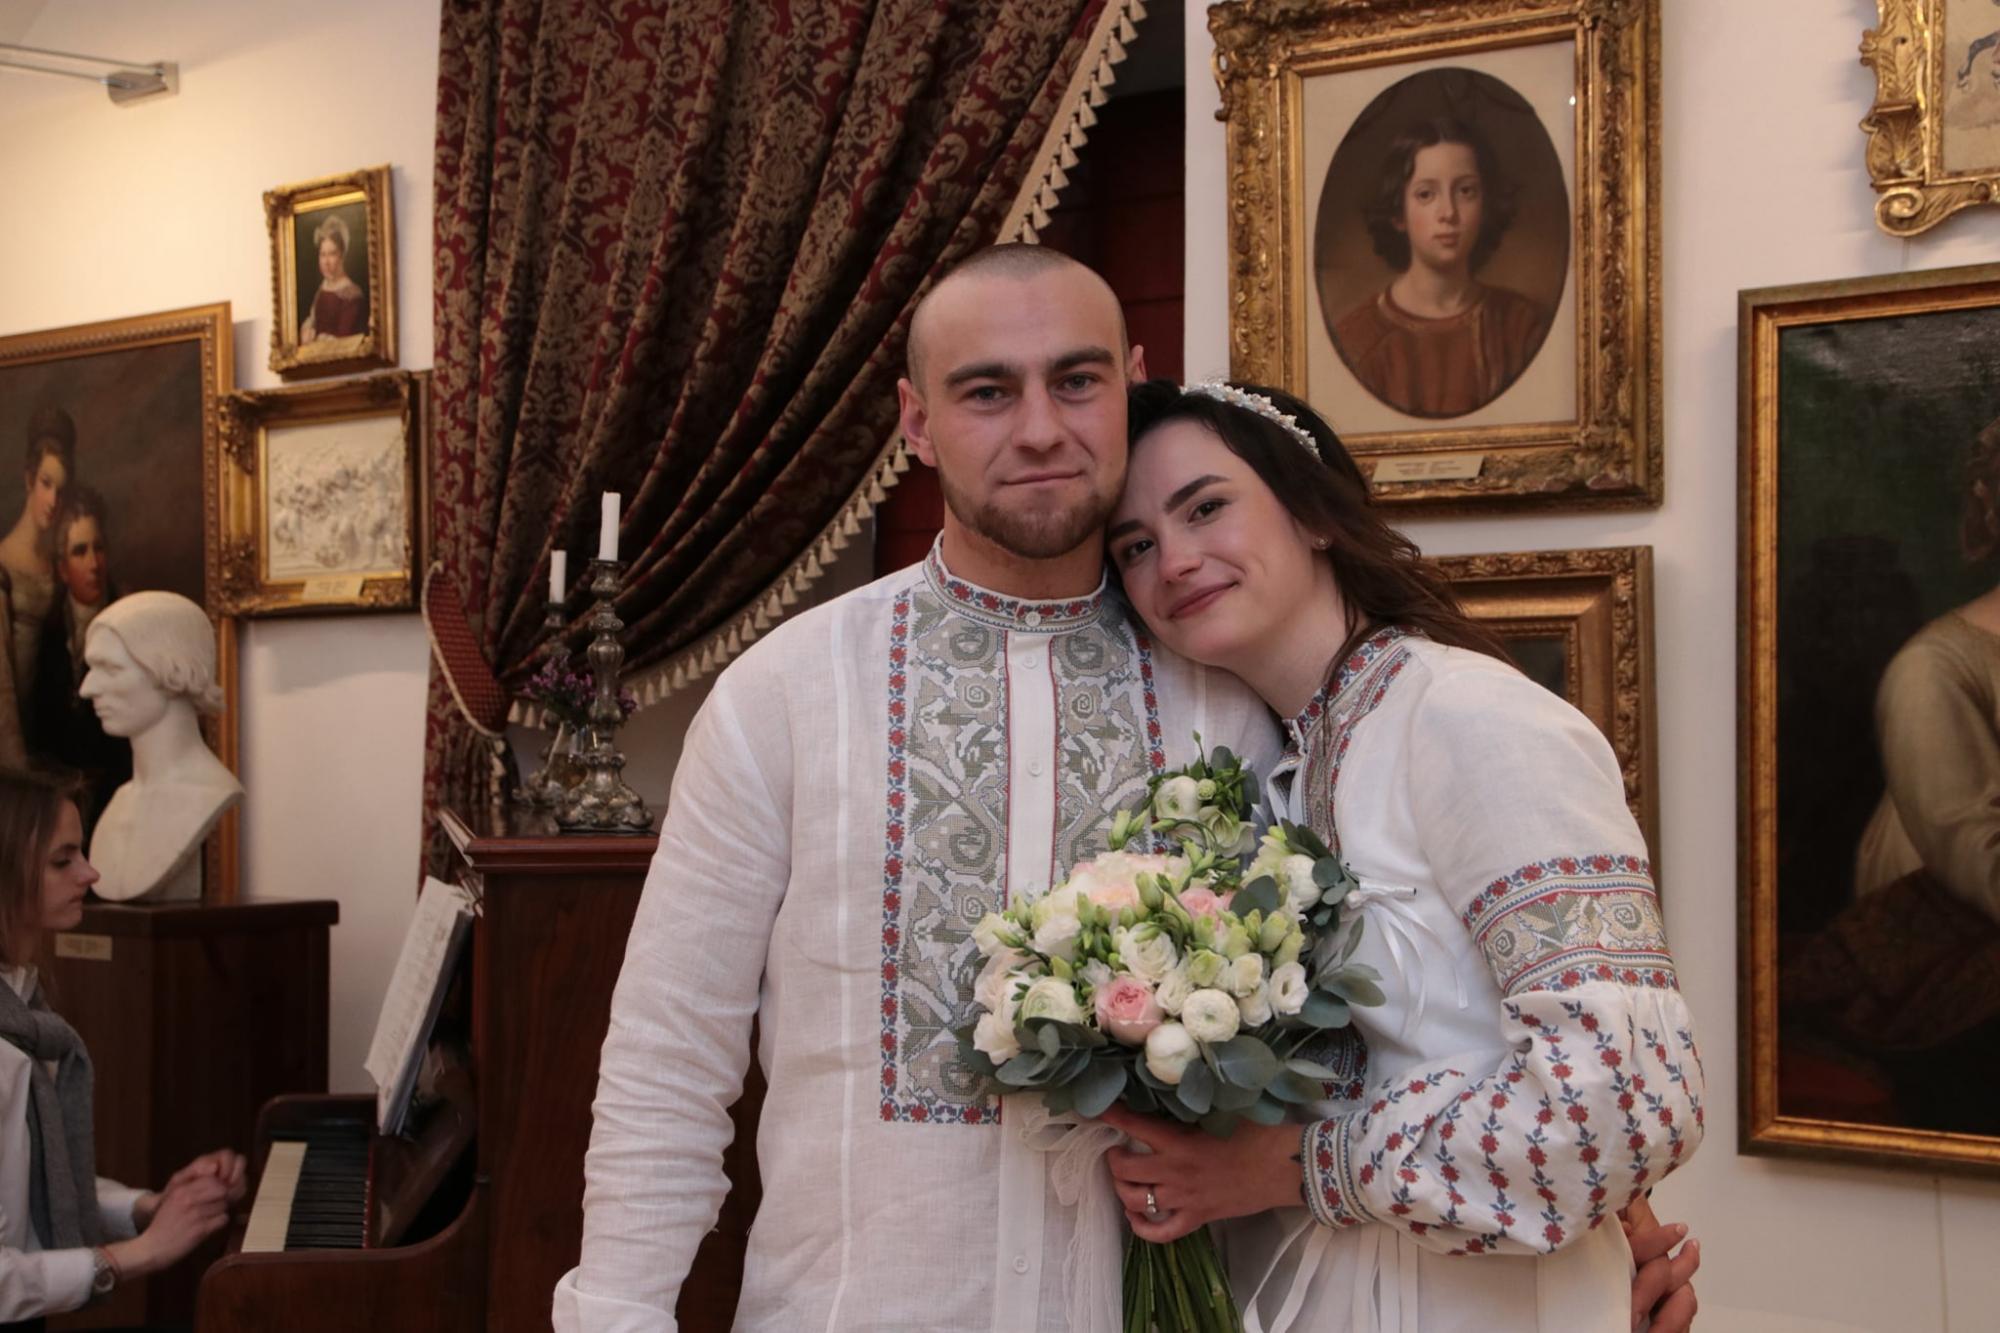 Украинские воины сыграли свадьбу в Луцком замке: фронтовая история любви (фото)